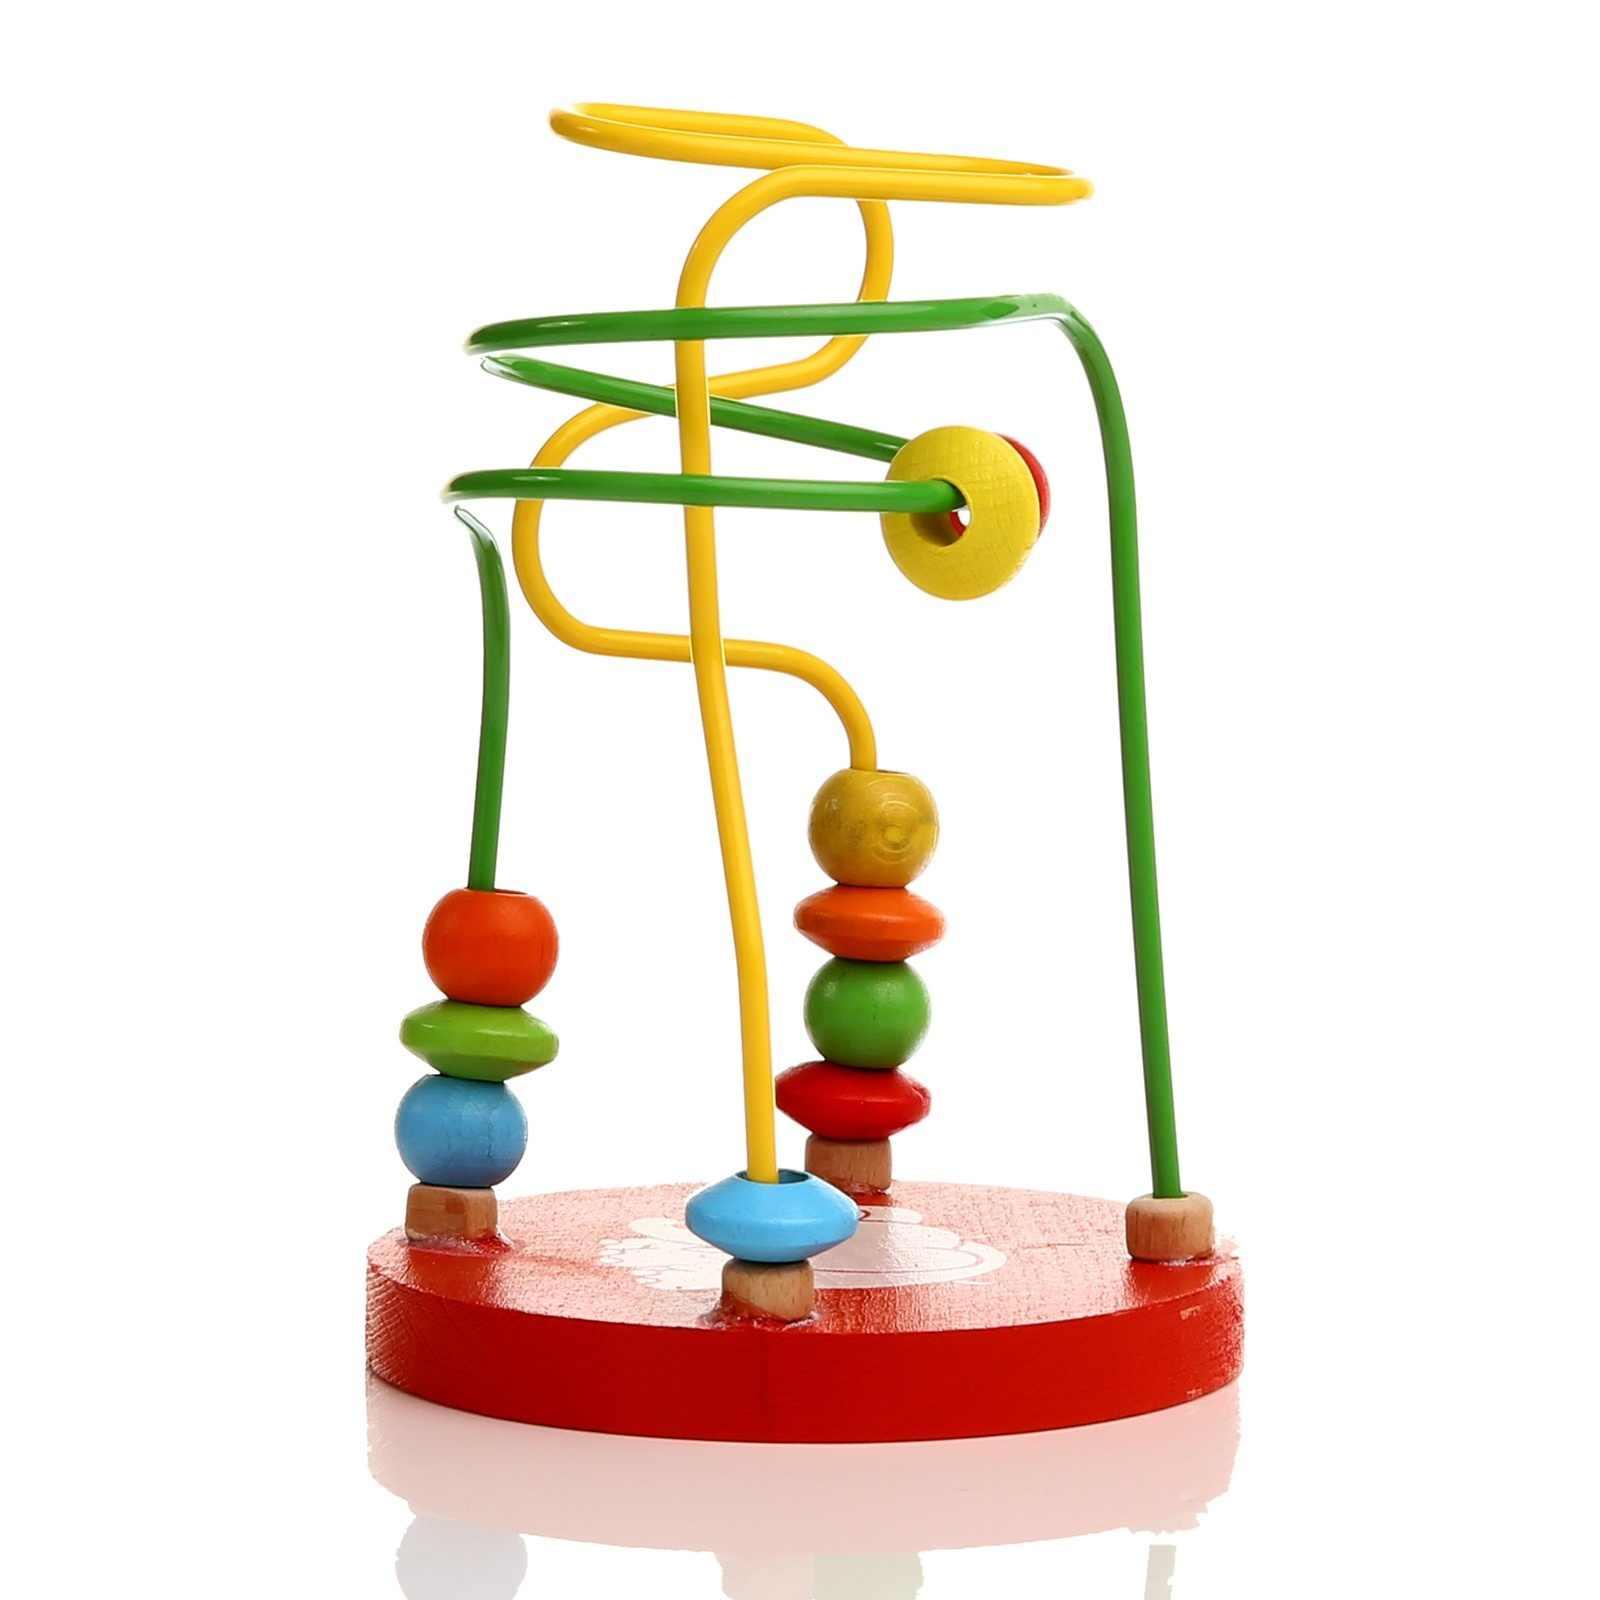 Ebebek детские игрушки деревянная детская мини-игра на координацию